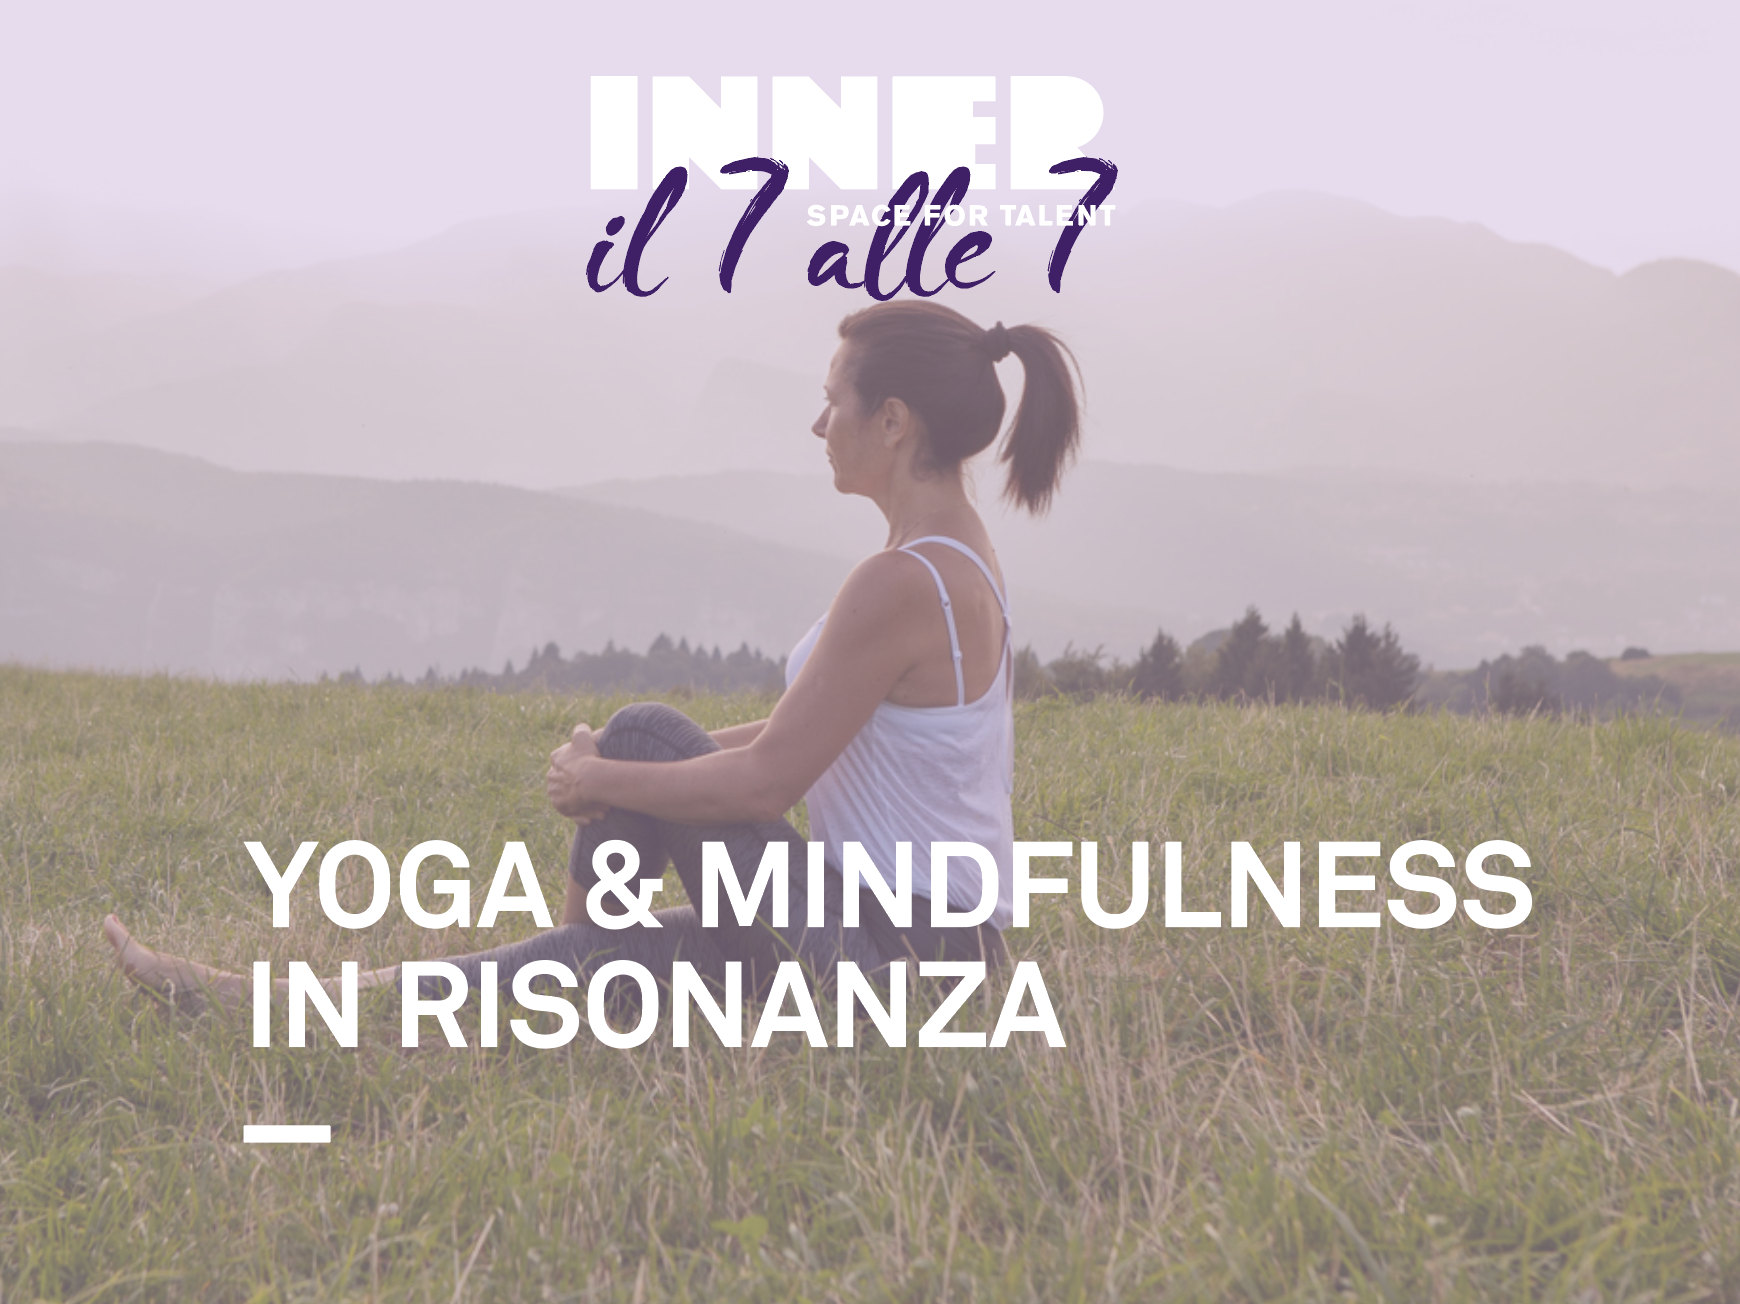 yoga e mindfulness in risonanza evento 7 aprile